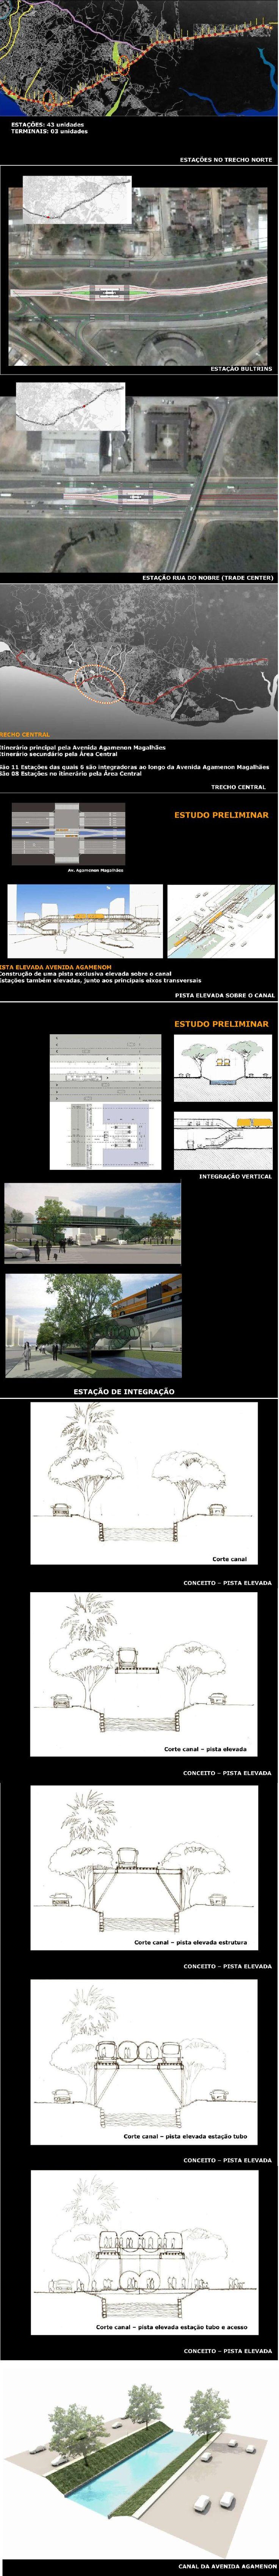 PE | Transporte na Região Metropolitana do Recife - Page 42 - SkyscraperCity